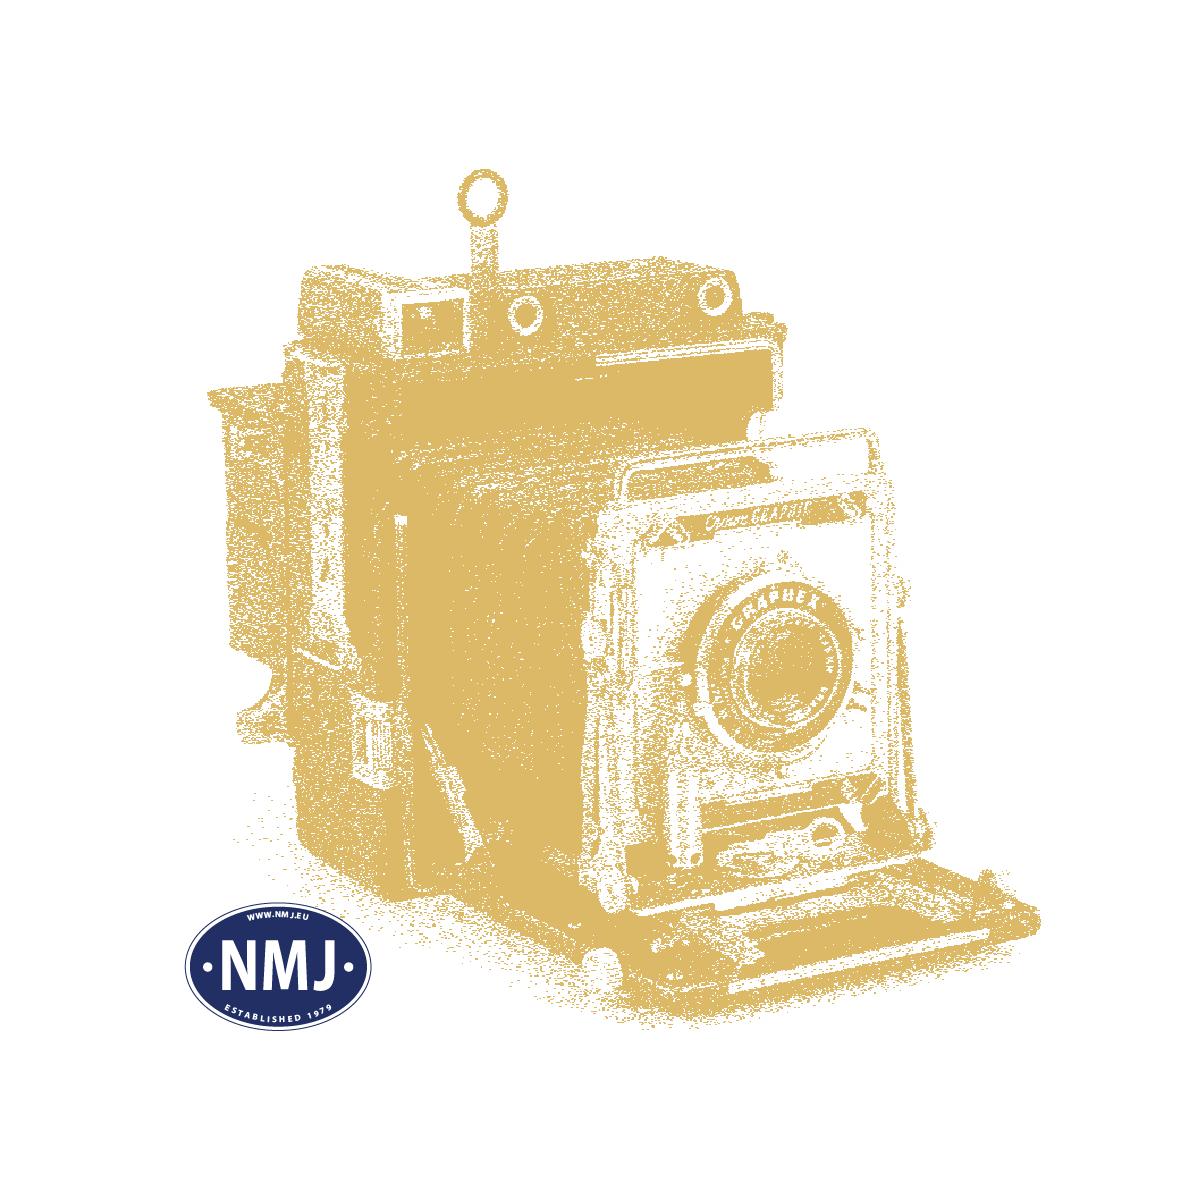 MIN990-22 - Kjerringrokk, Sommer, Stor Pakke